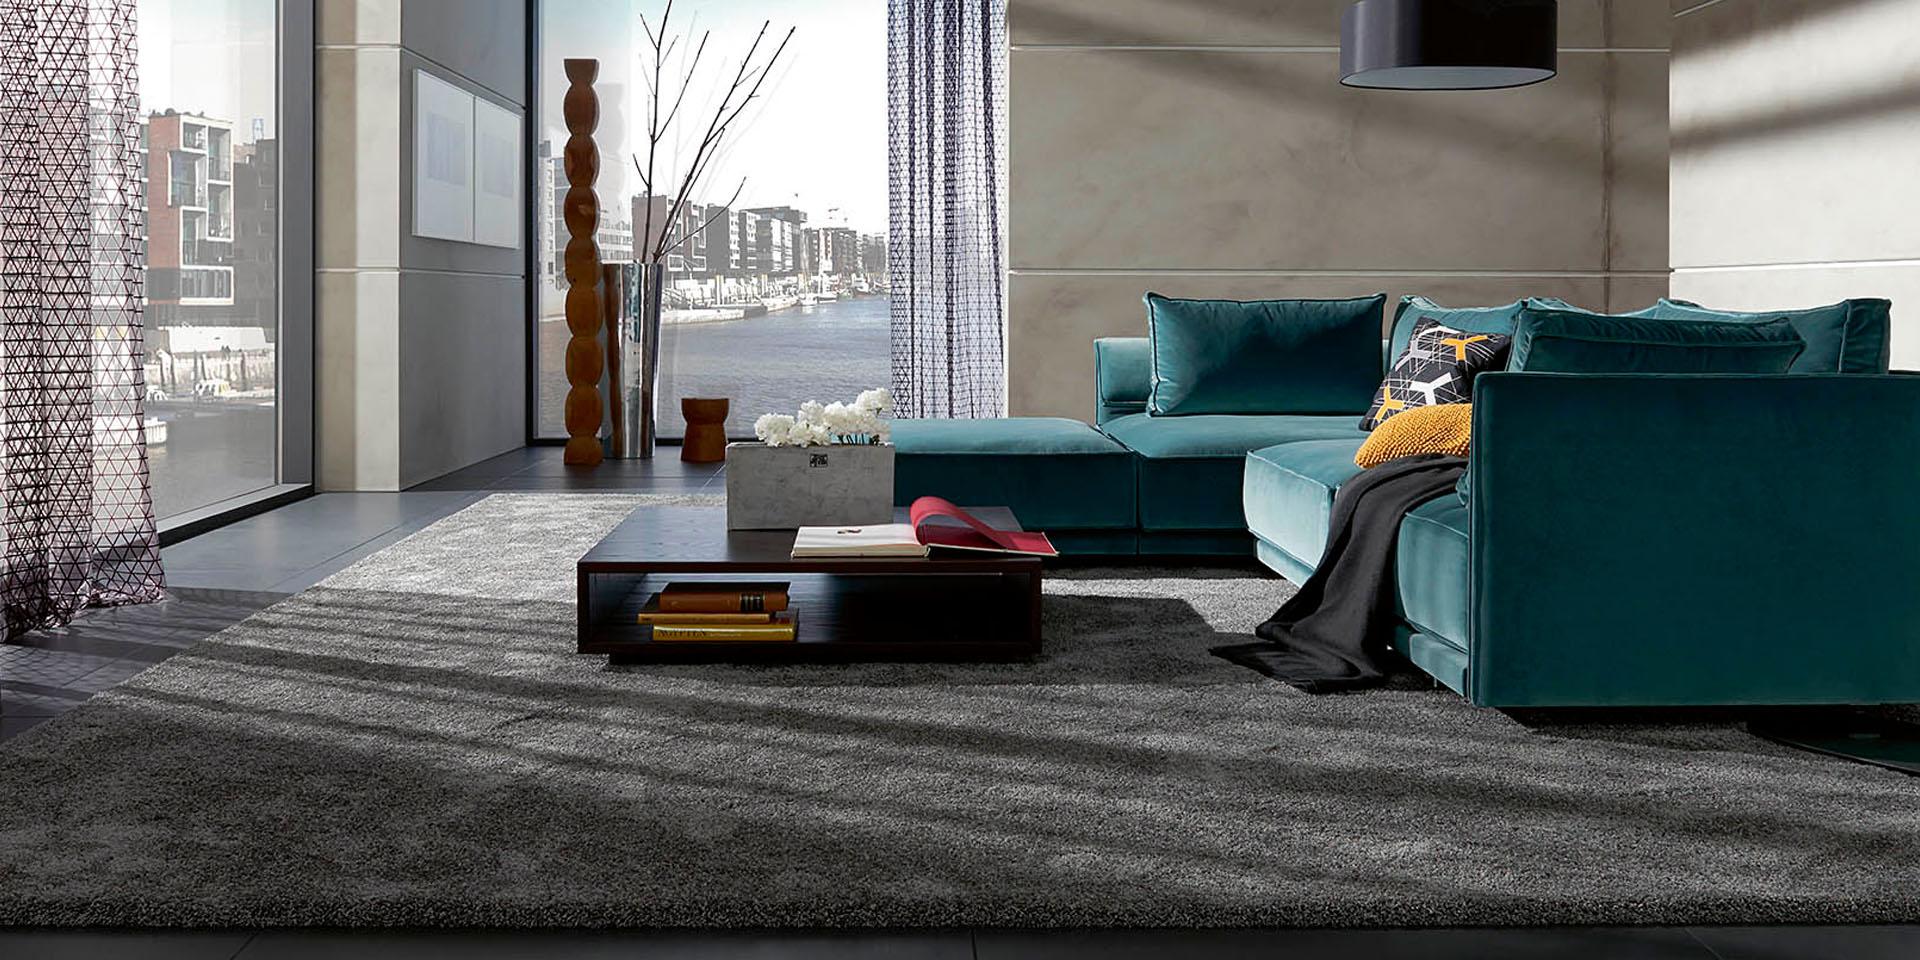 jab anstoetz bei fenchel wohnfaszination gmbh. Black Bedroom Furniture Sets. Home Design Ideas